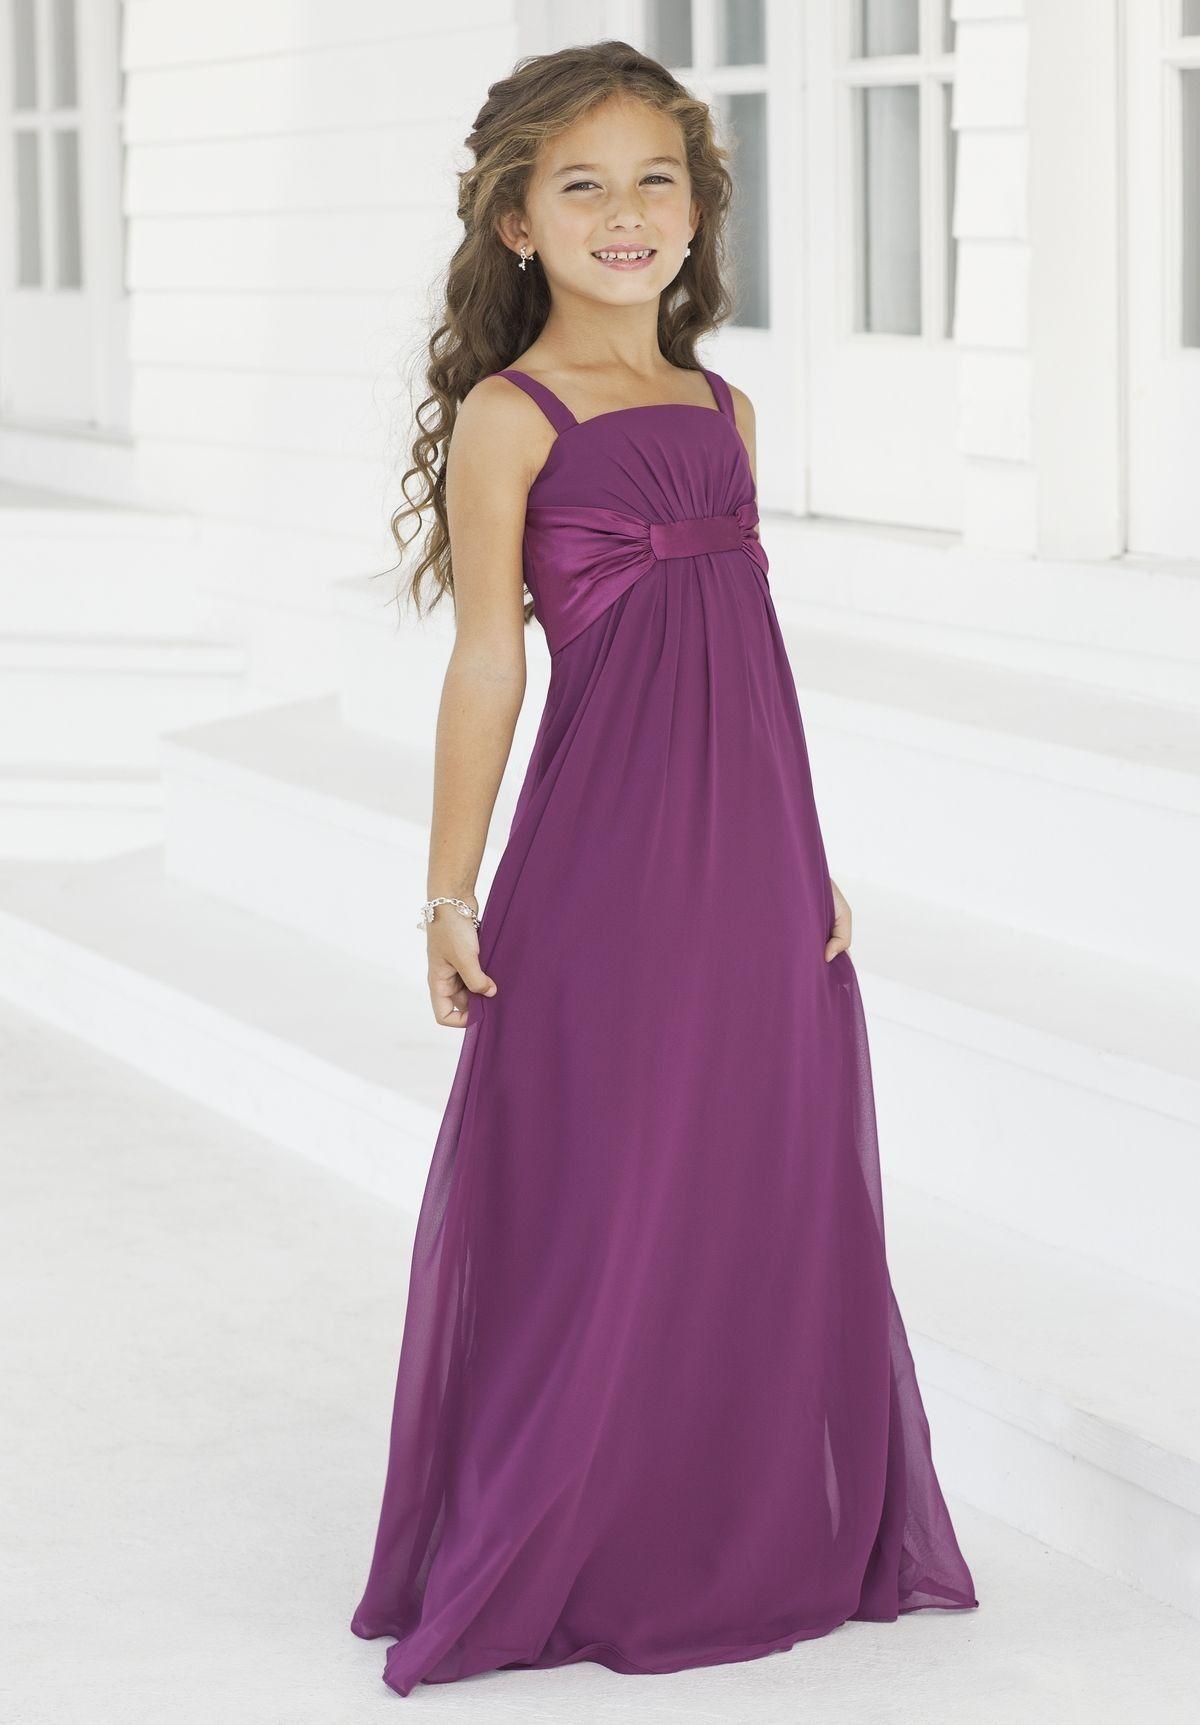 Dresses - qidress.com - Part 2